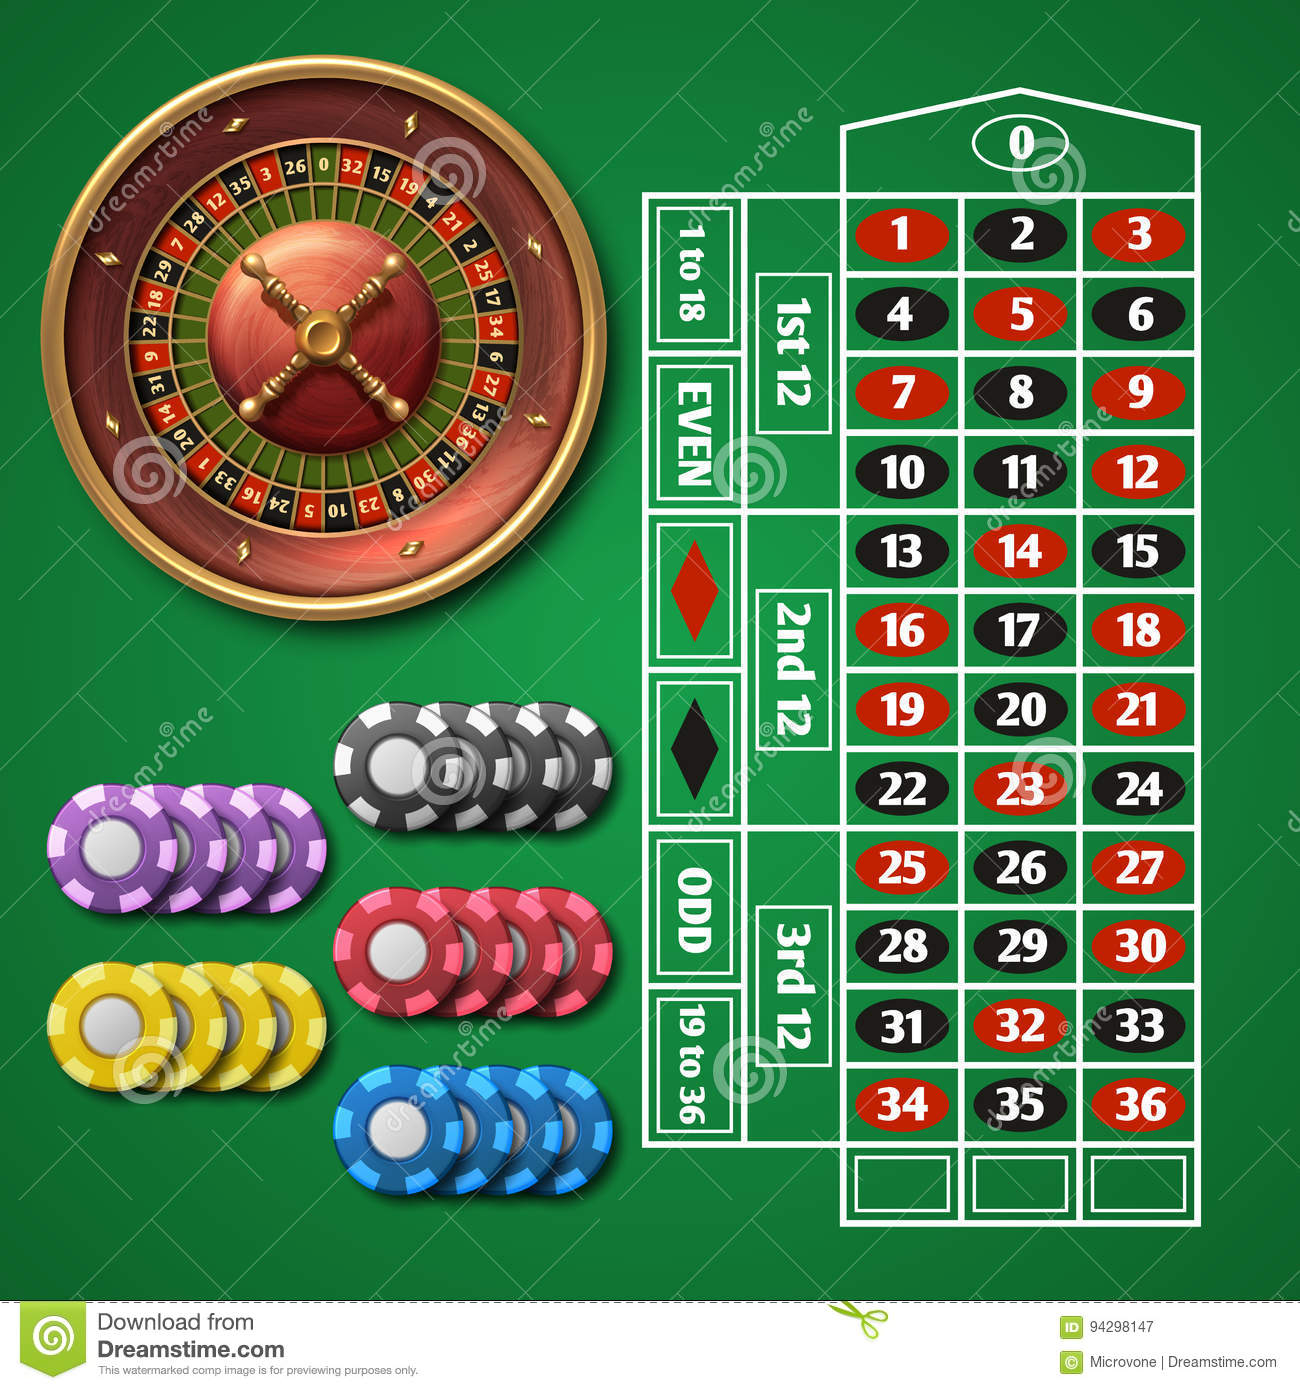 играть в лучшее казино онлайн в россии